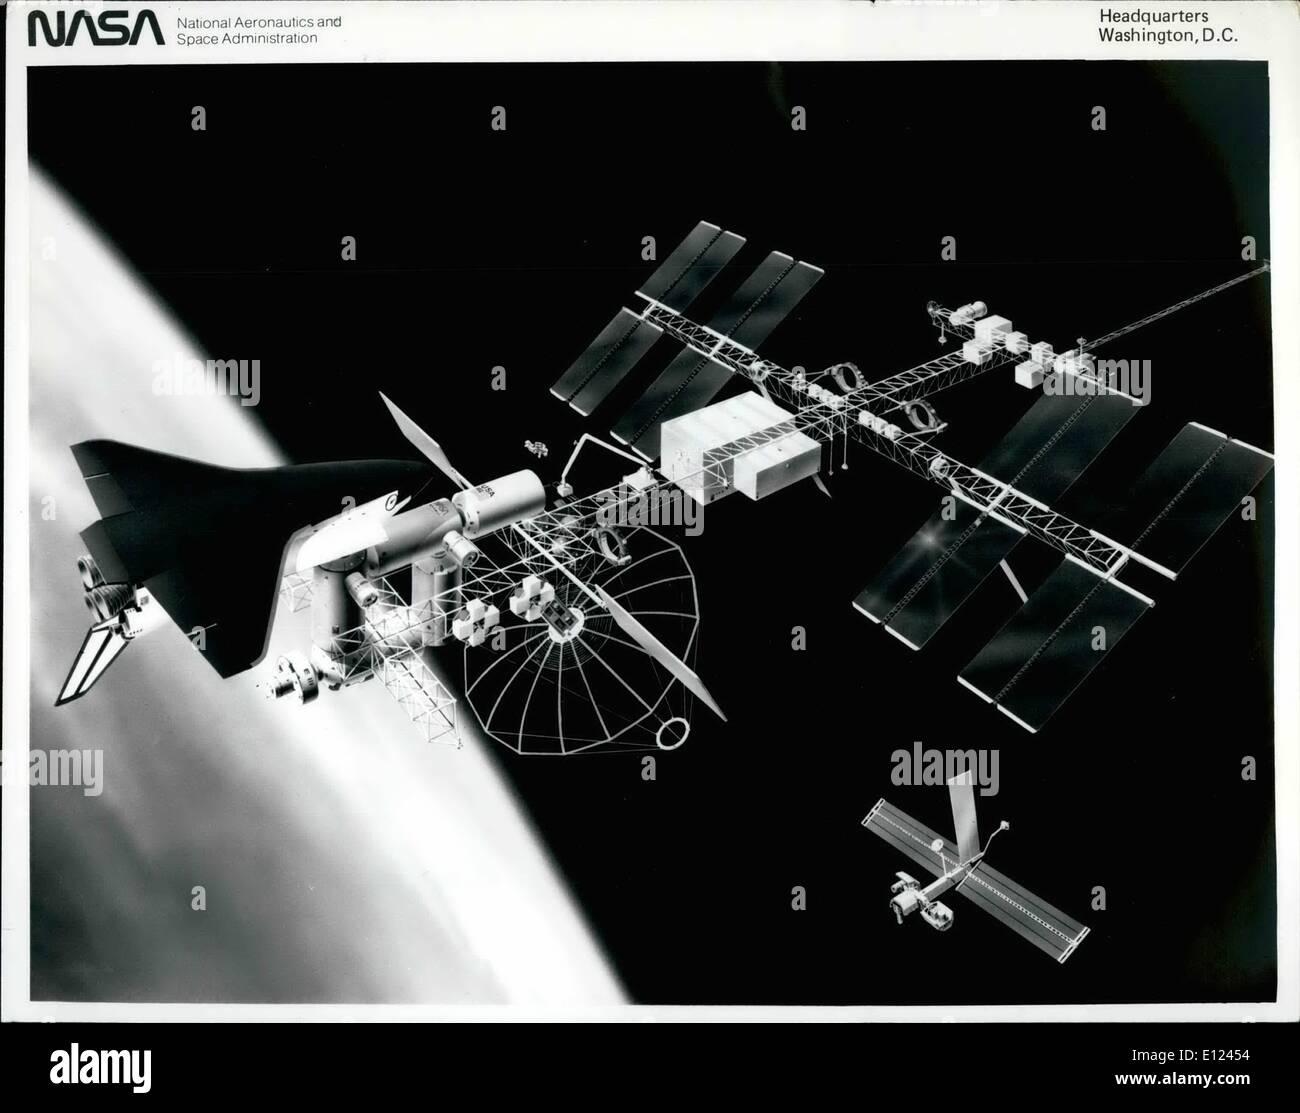 Agosto 08, 1984 - Estación Espacial concepto: el ''power tower'' concepto de referencia de la estación espacial orbita la Tierra en este concepto del artista. Este configuraiton, presentado en la exposición de la industria en el Centro Espacial Johnson de la NASA, se utiliza el concepto de referencia para el diseño preliminar de la fase B y la definición de los contratos. A unos 400 metros de longitud, la estación espacial ha de ala como los paneles solares y las matrices top para convertir la luz del sol a unos 75 kilovatios de potencia eléctrica y pequeños paneles de radiador de calor dissapate Imagen De Stock